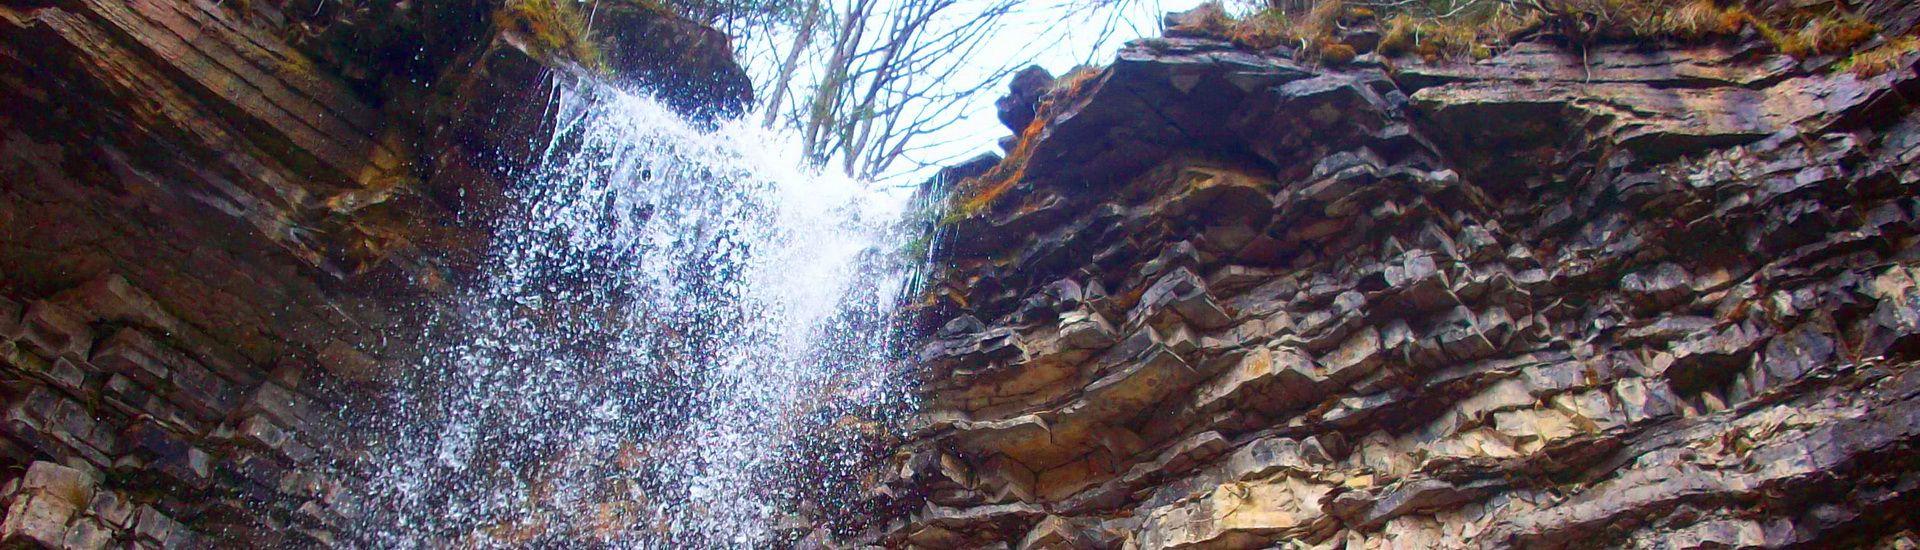 Водоспад Крапельковий, масив Ґорґани